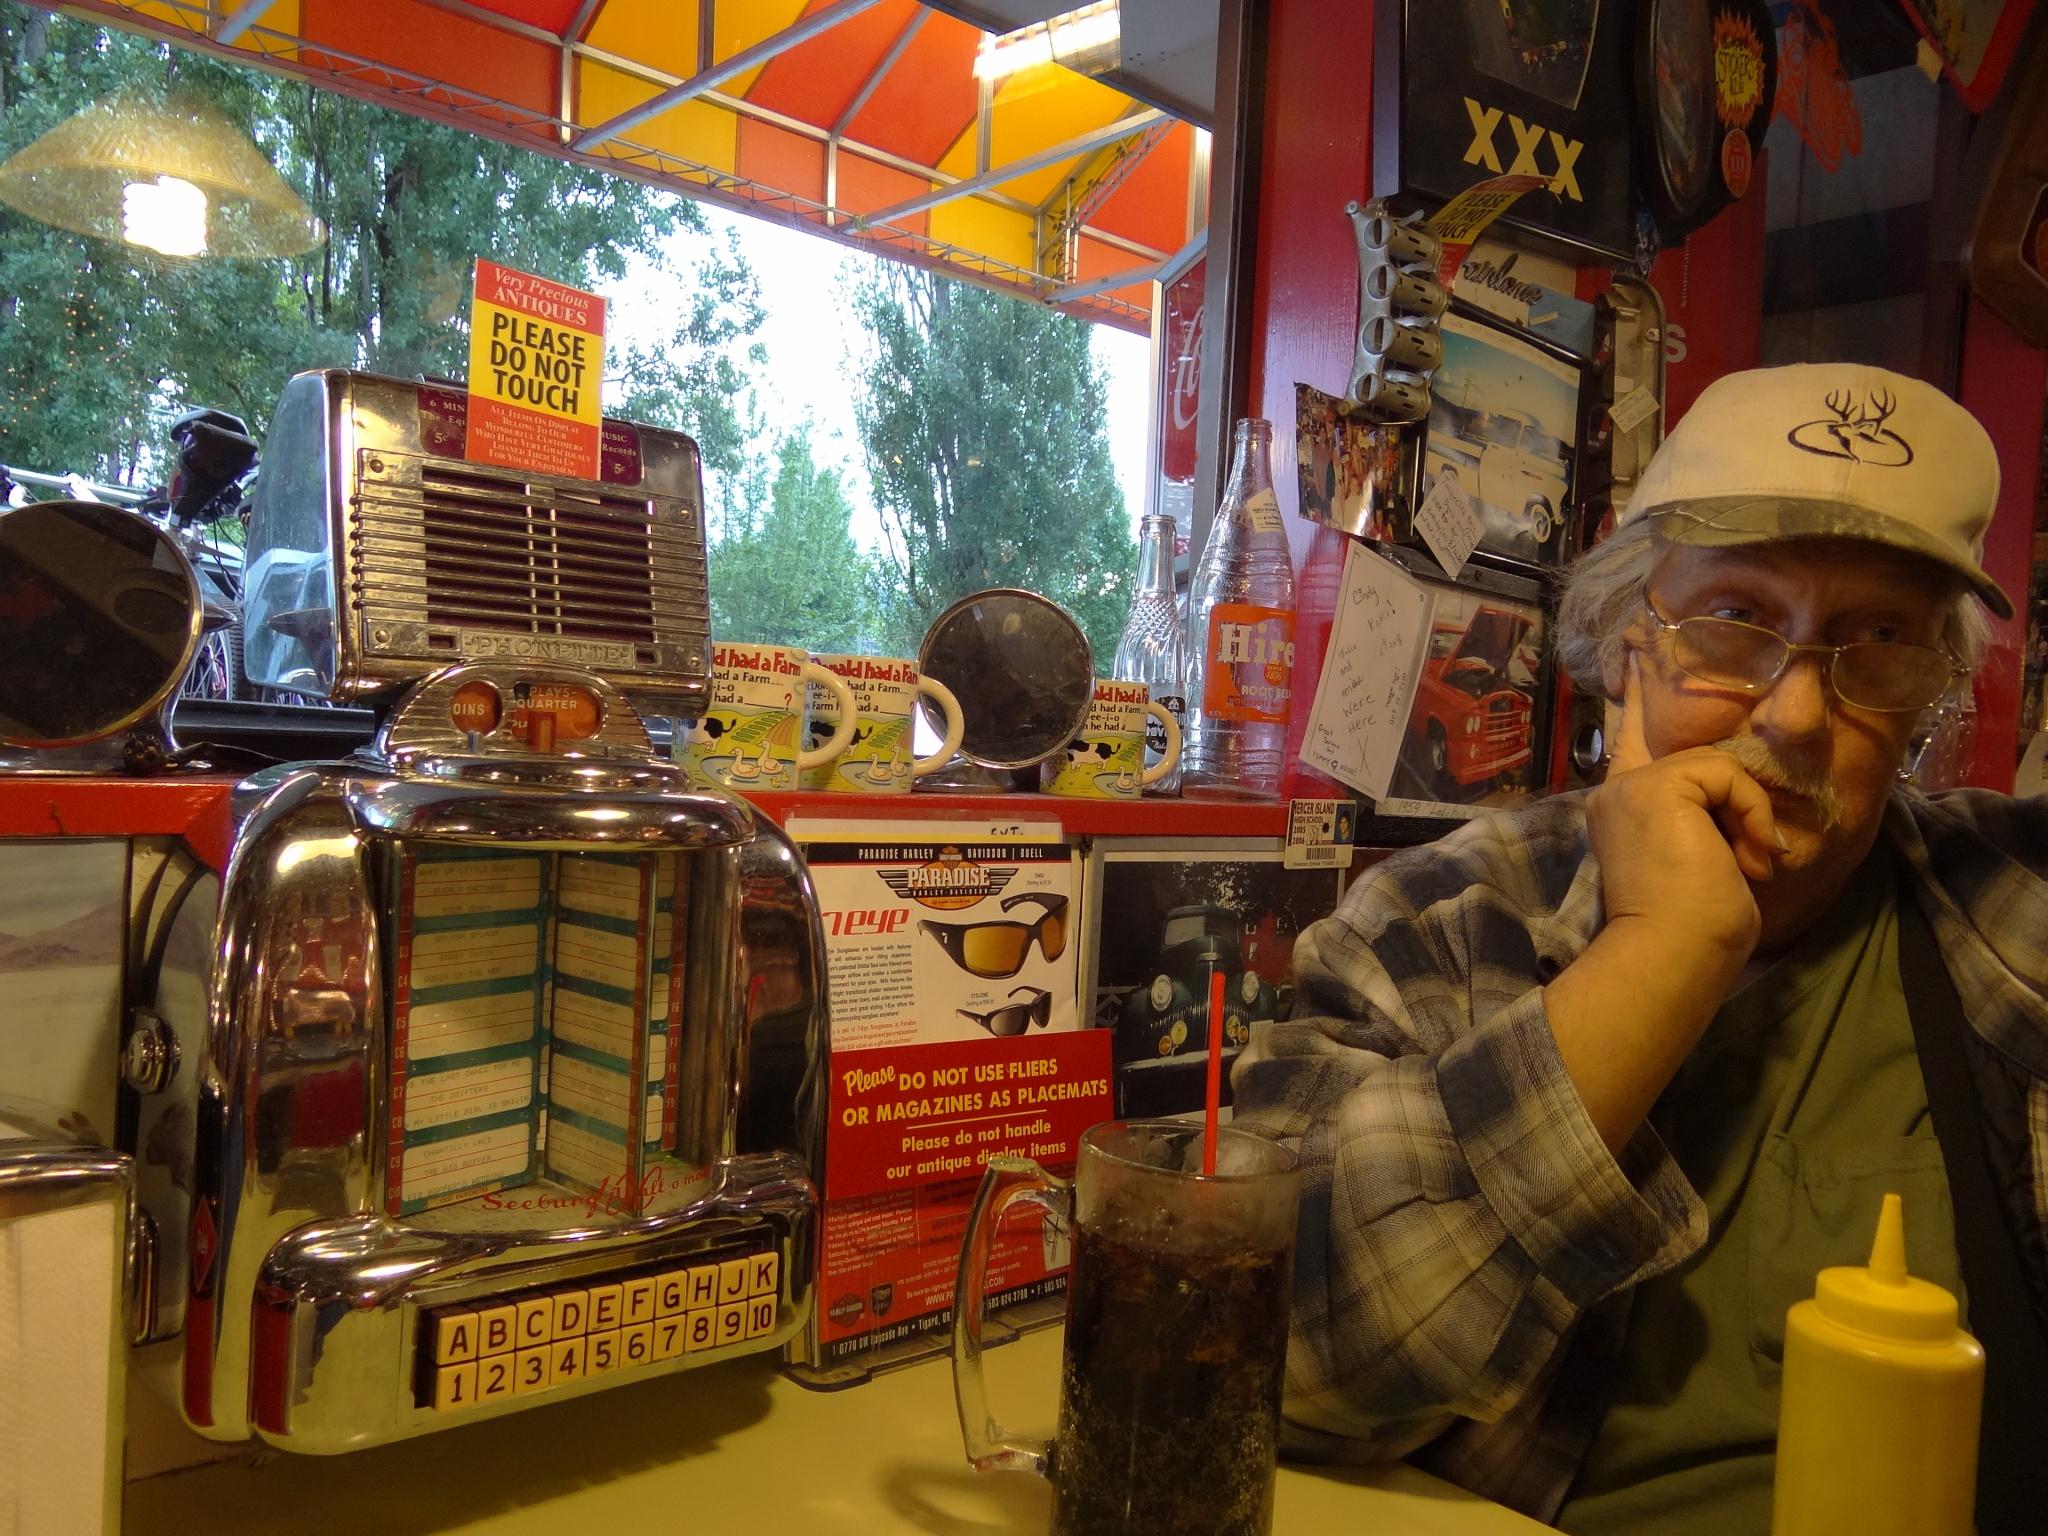 XXX burger & root beer jount by allenhagler59663852